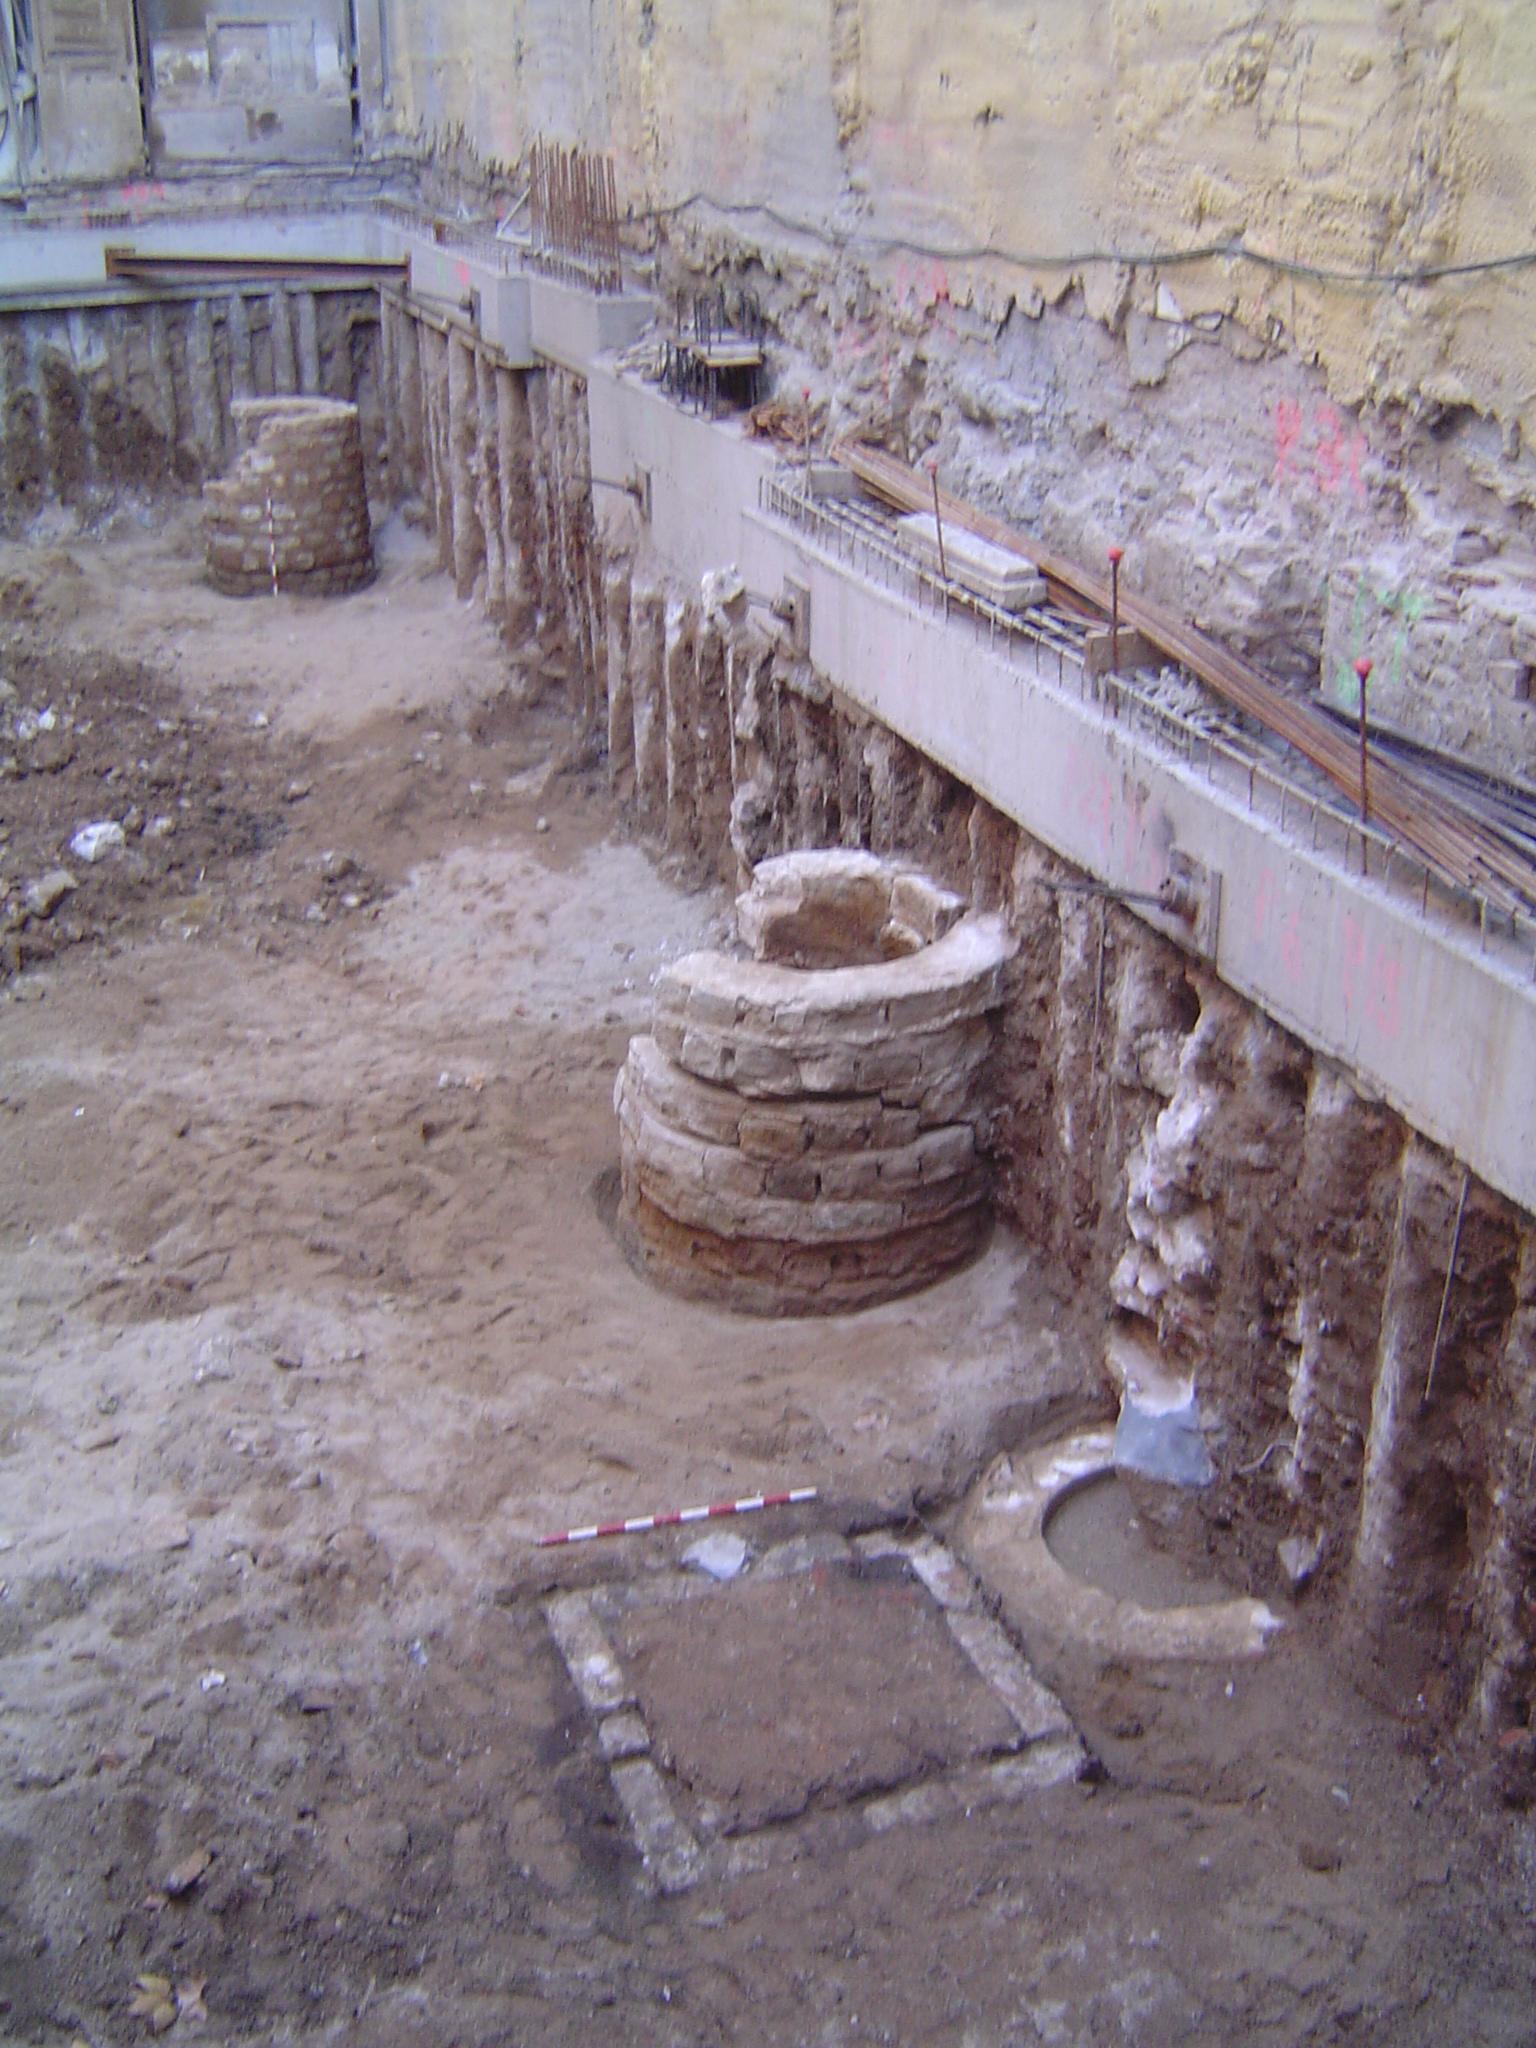 Vista general dels tres pous documentats, així com d'un pou mort de l'edifici del segle XIX. Foto: Jordi Petit